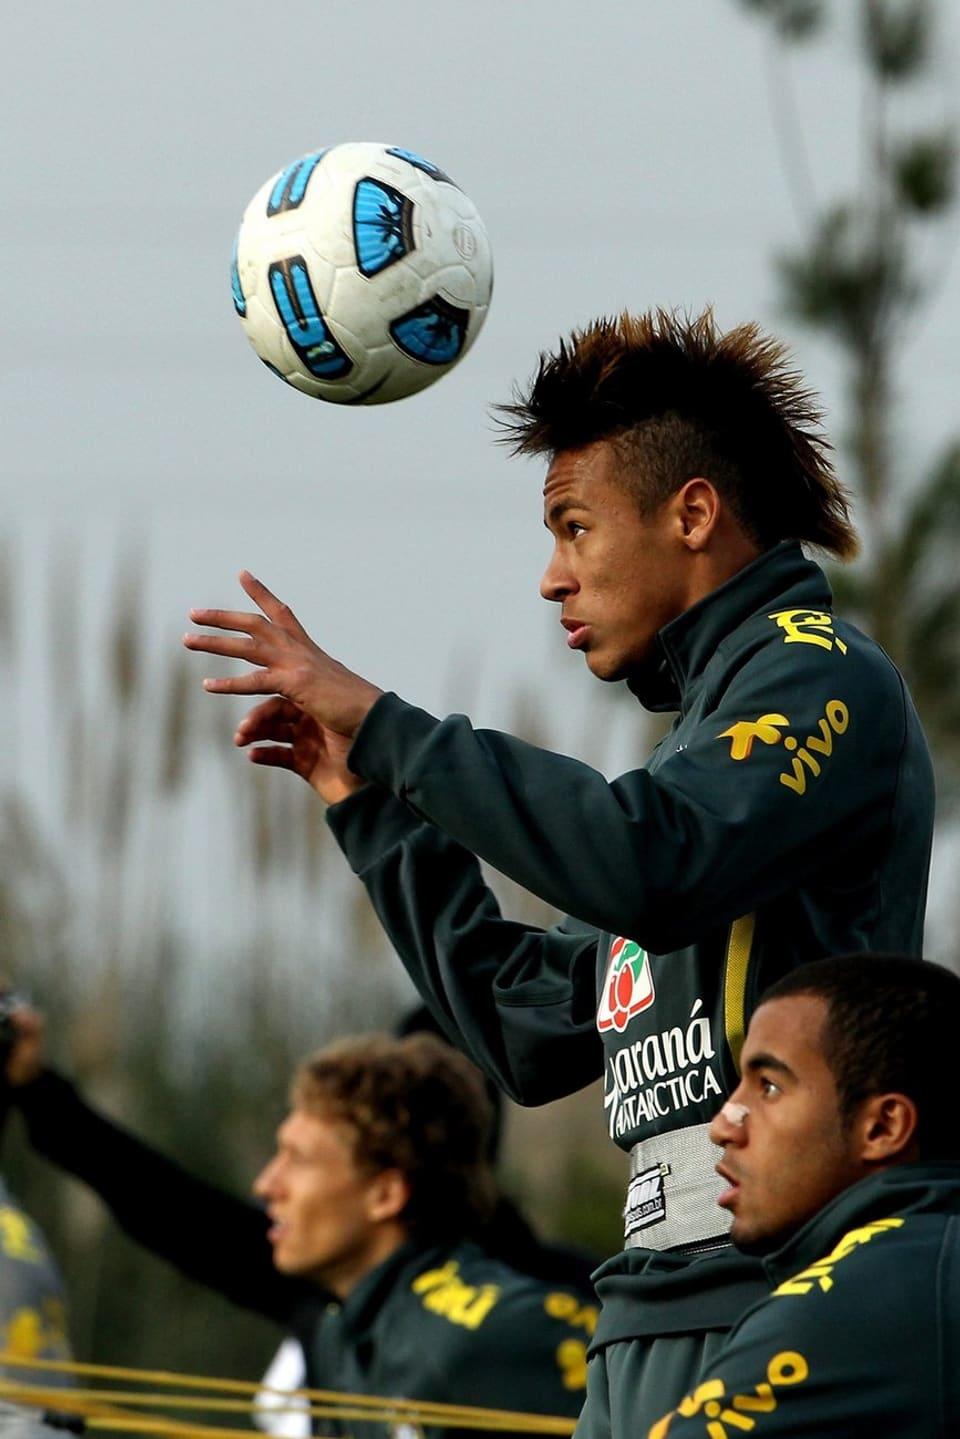 Neymar da Silva Santos Júnior beim Kopfball